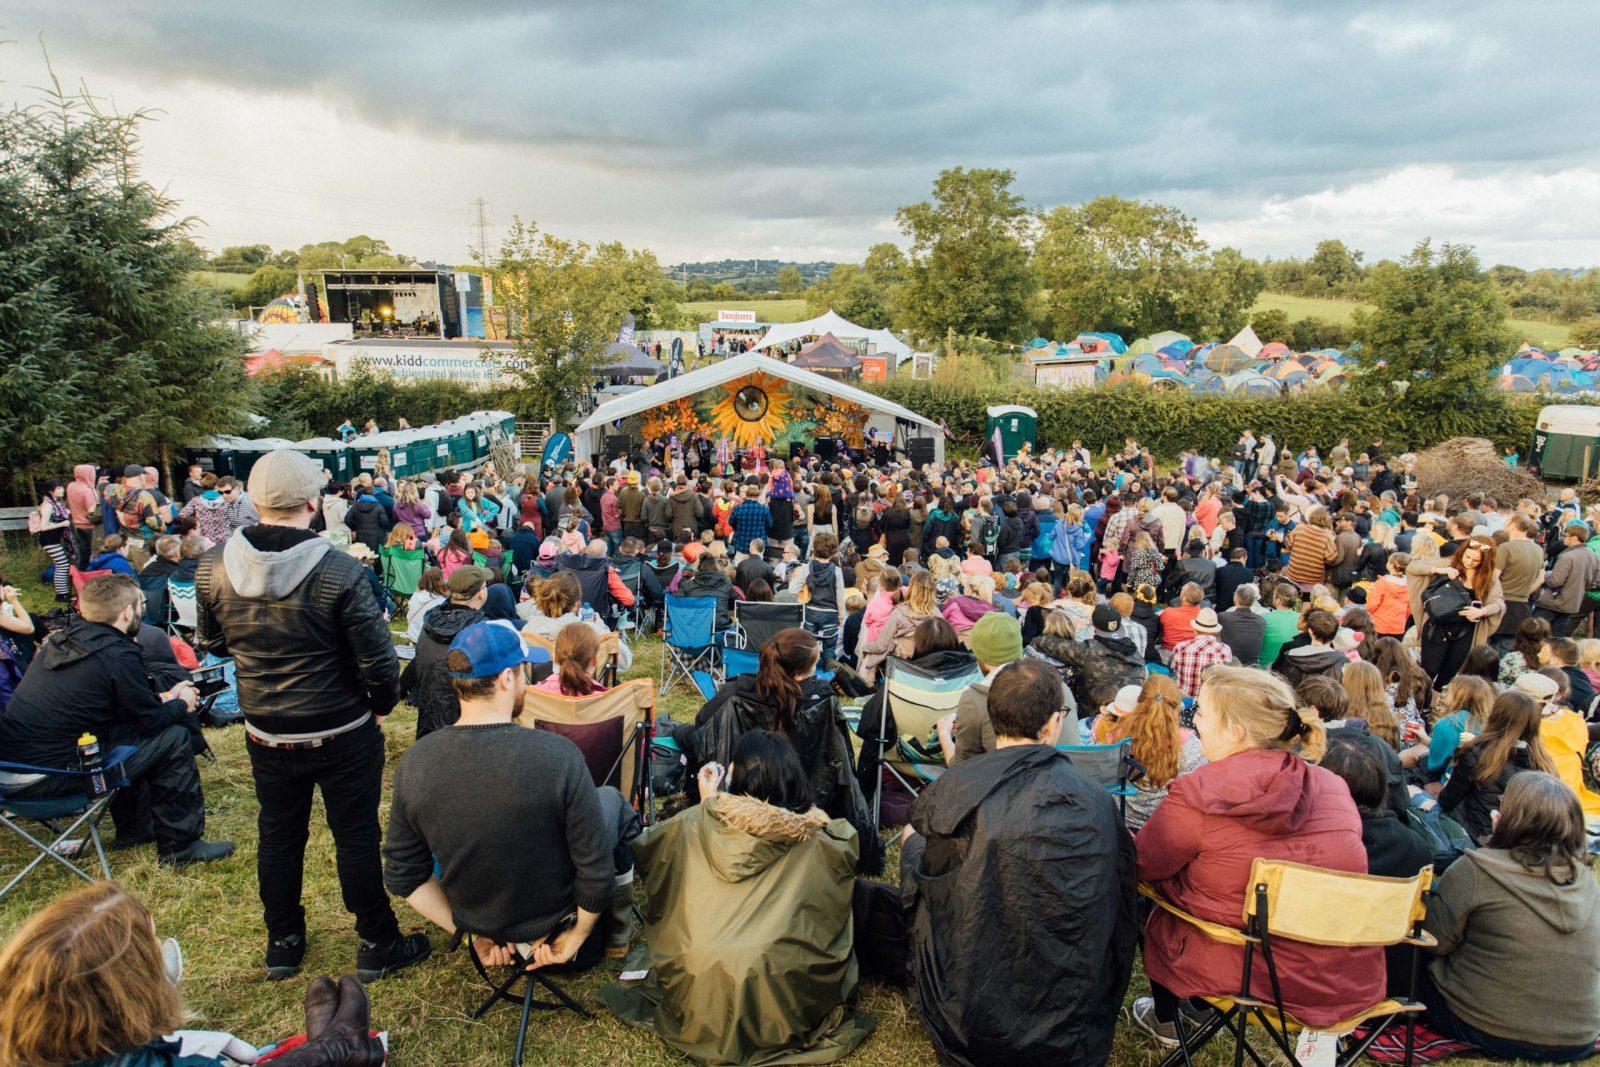 Sunflowerfest 2017 - Tubby's Farm, Music, Event Photography, cmcguigan photography, Chris McGuigan Photography, Belfast Photographer